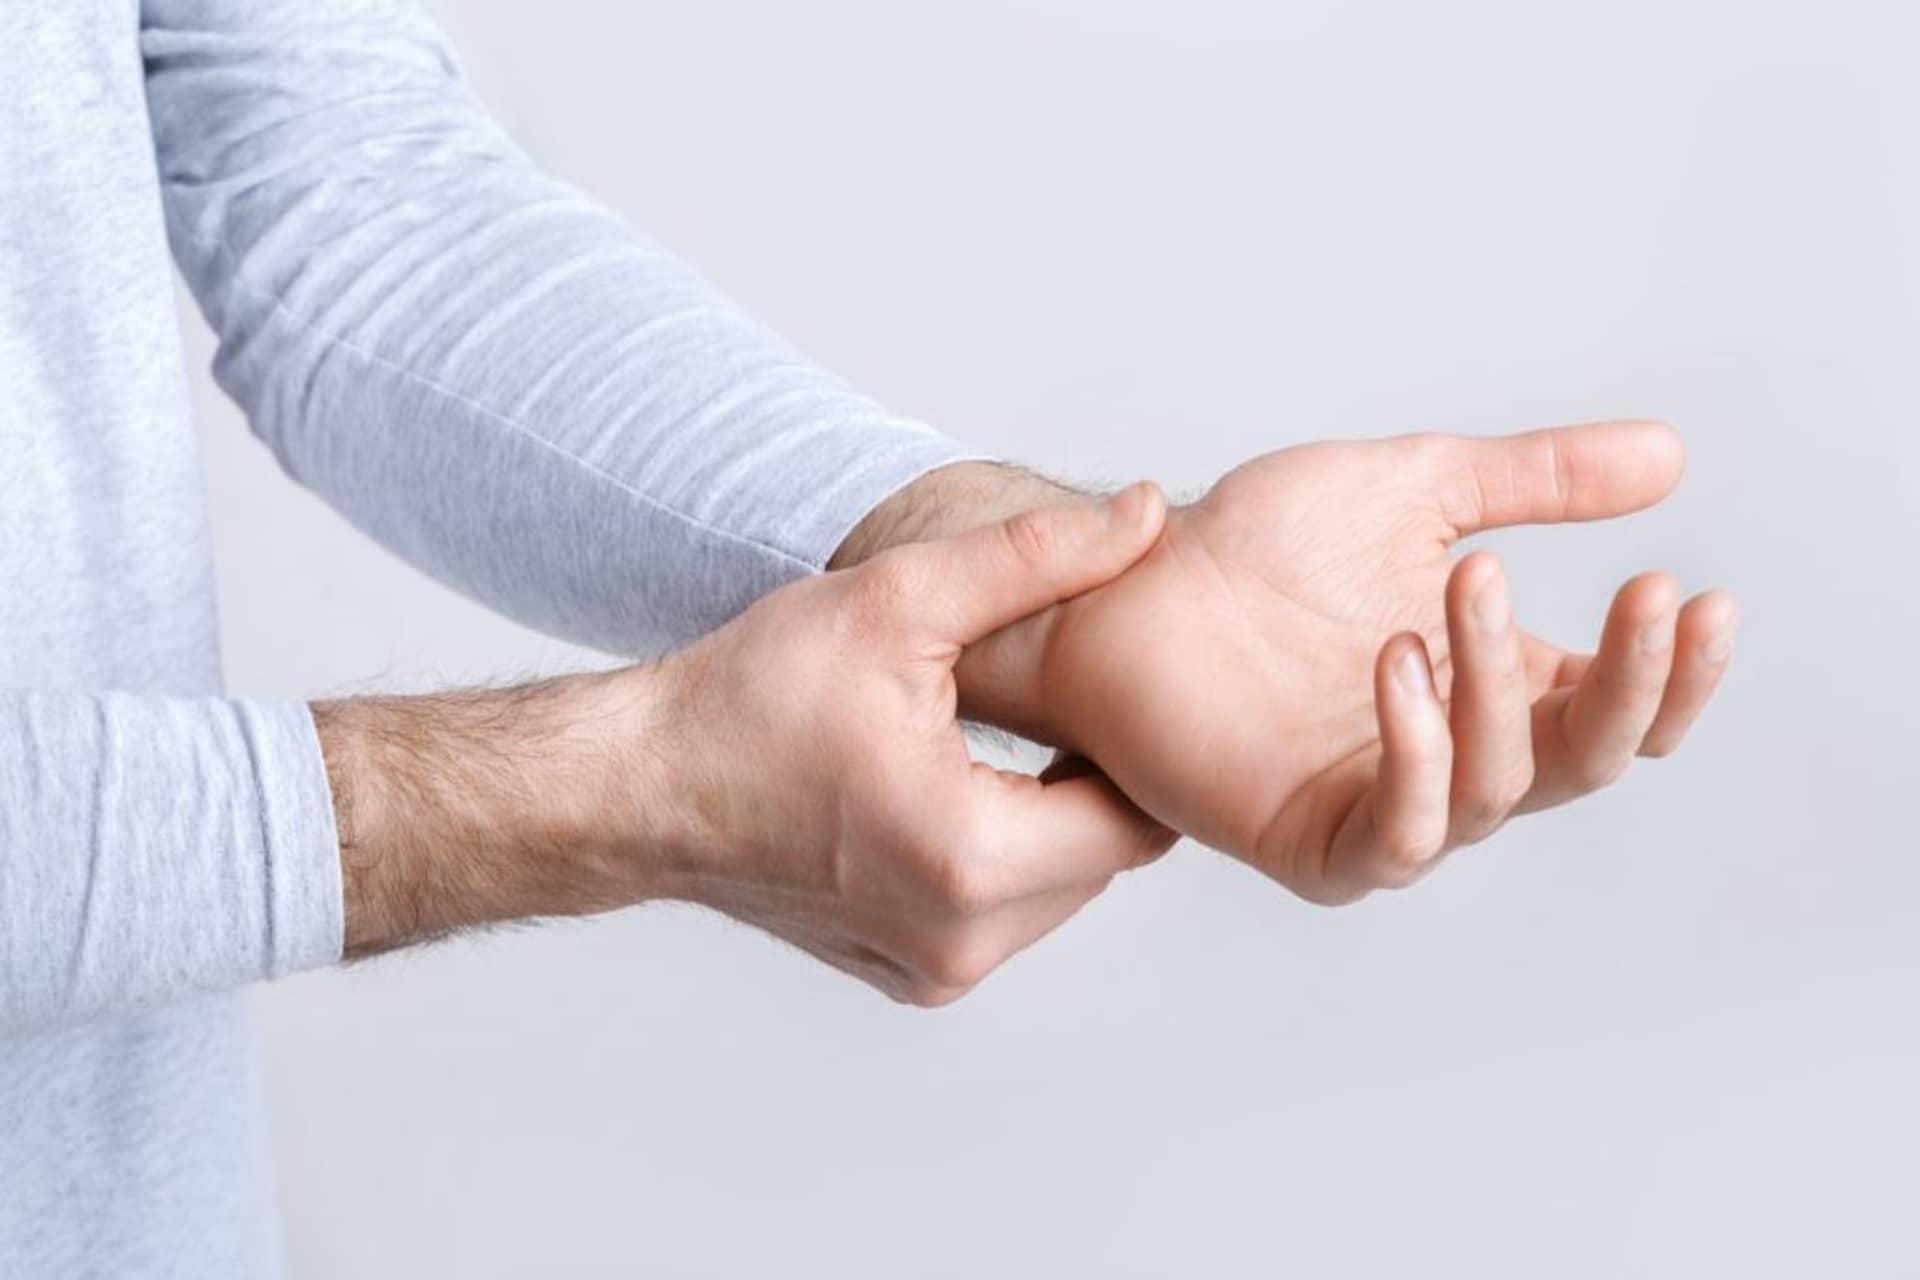 Reumatologia: servizi d'eccellenza per sconfiggere le malattie reumatiche